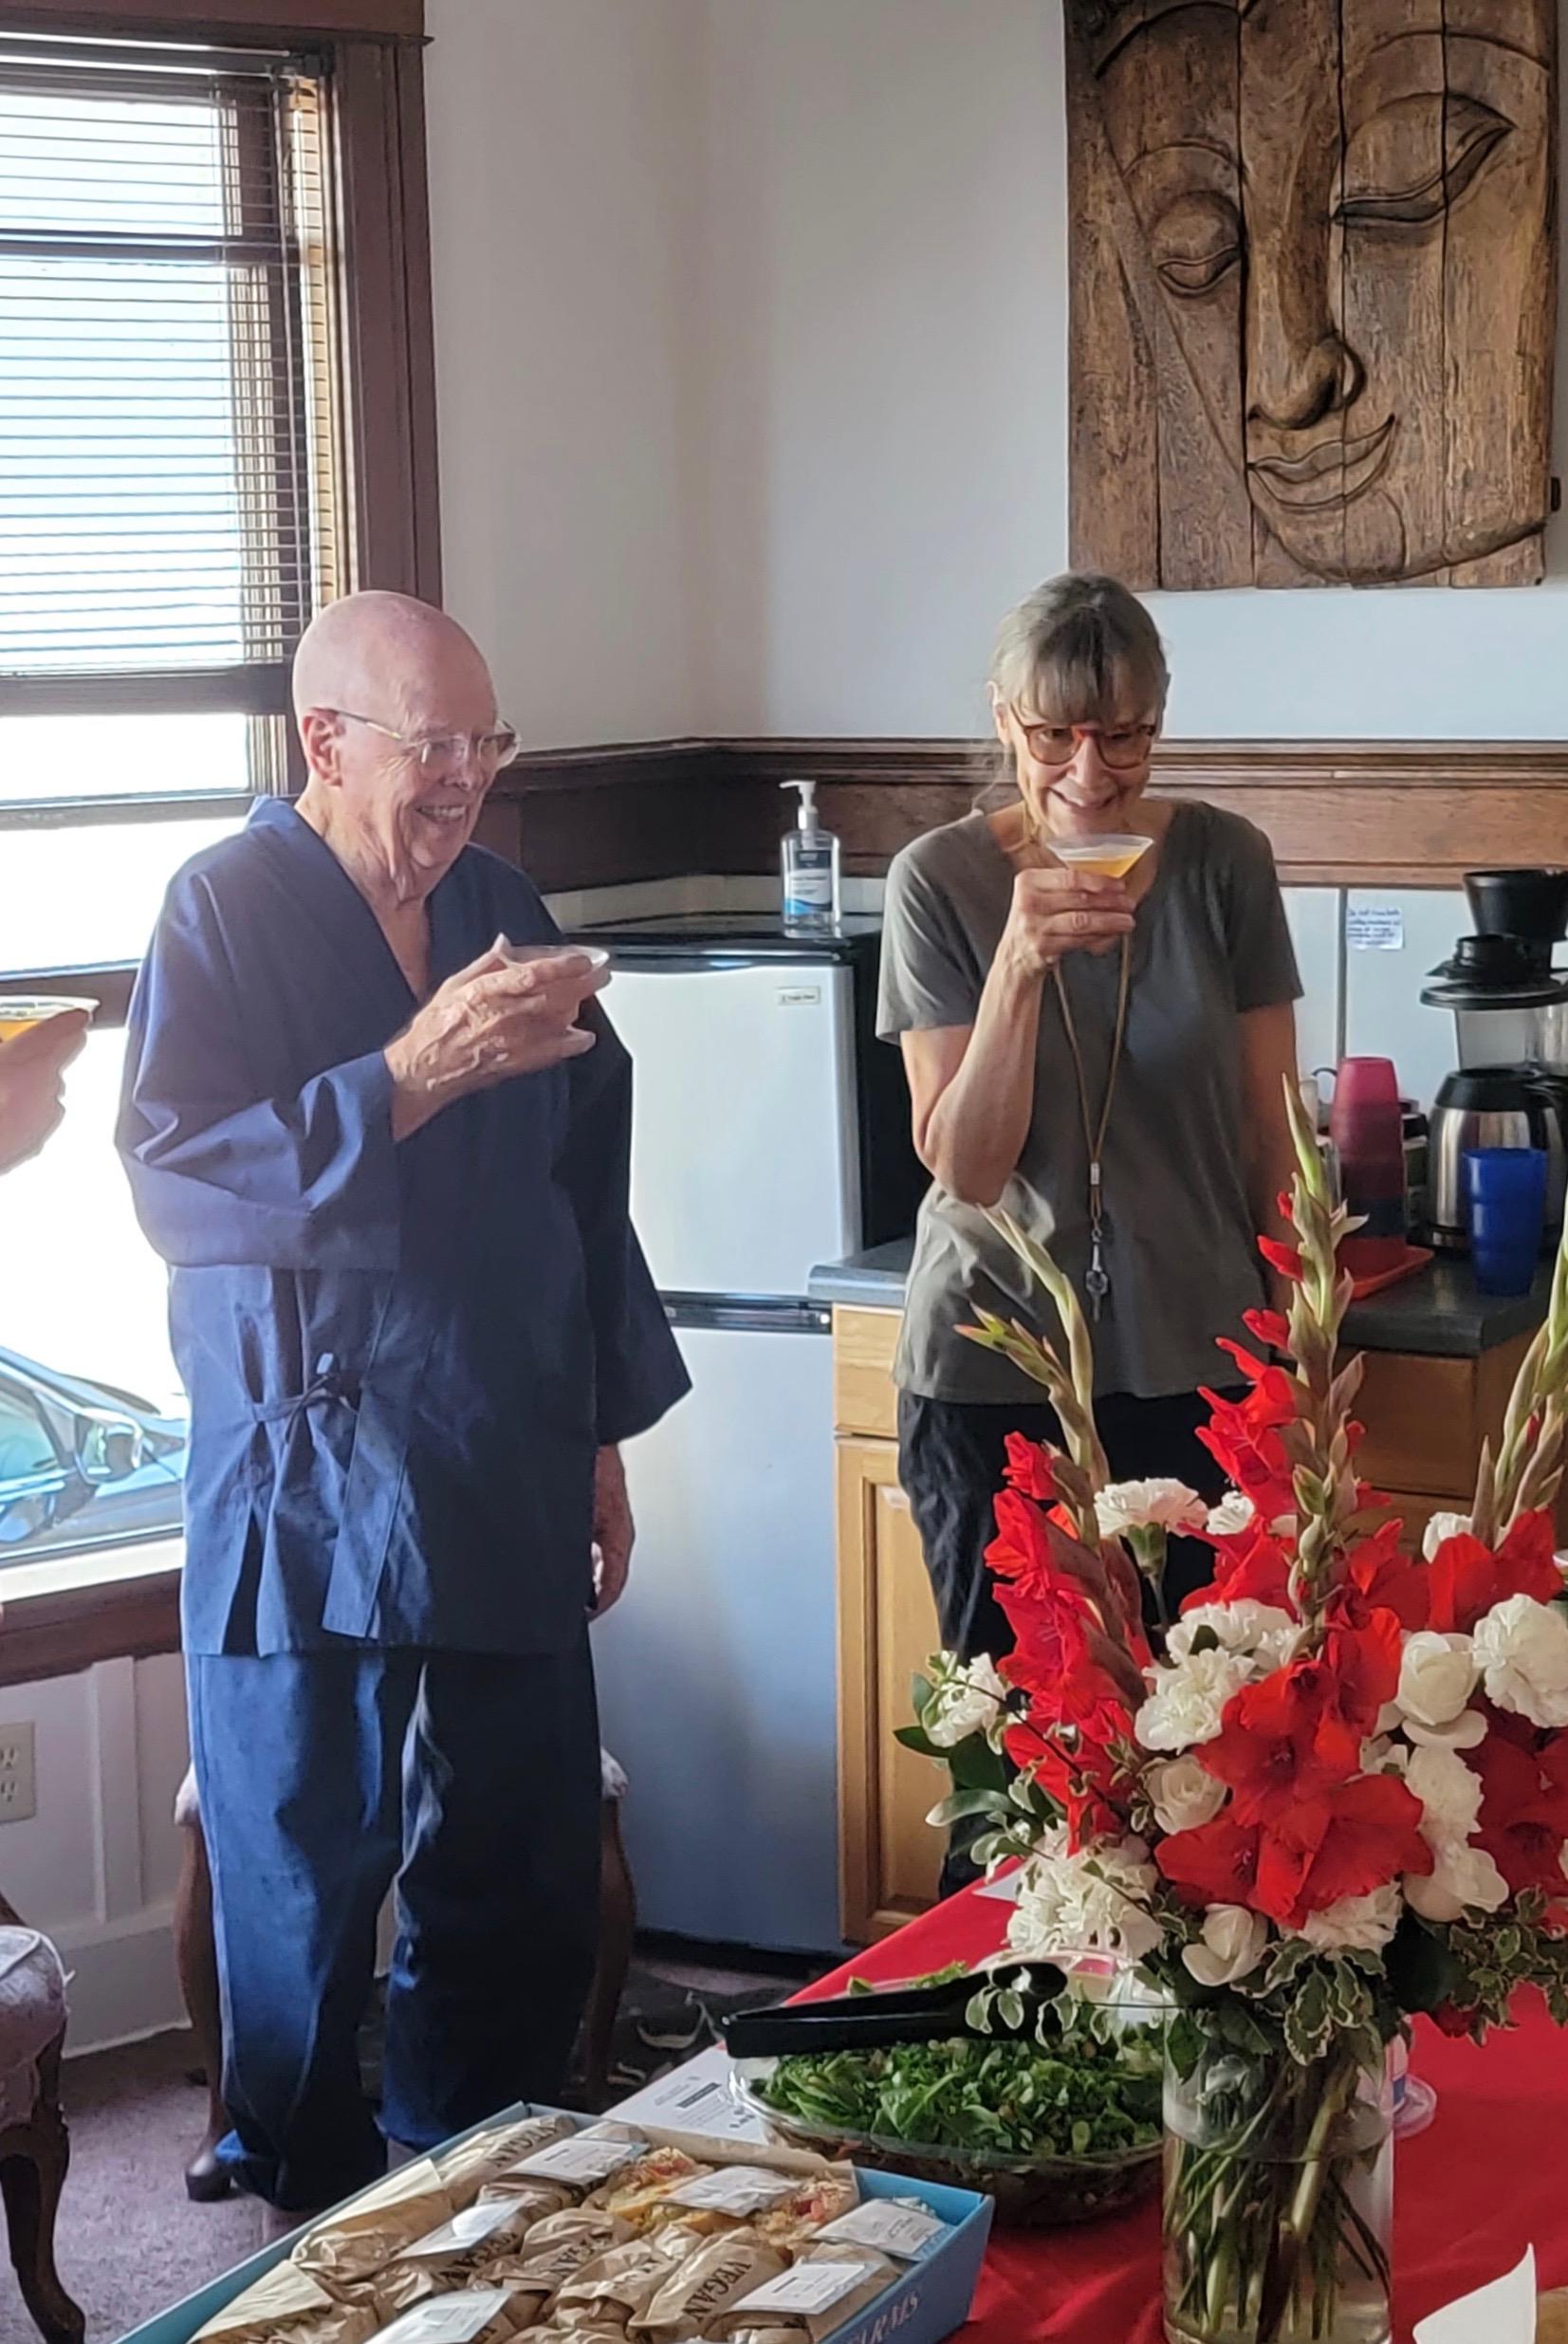 Roshi and Shuso toast